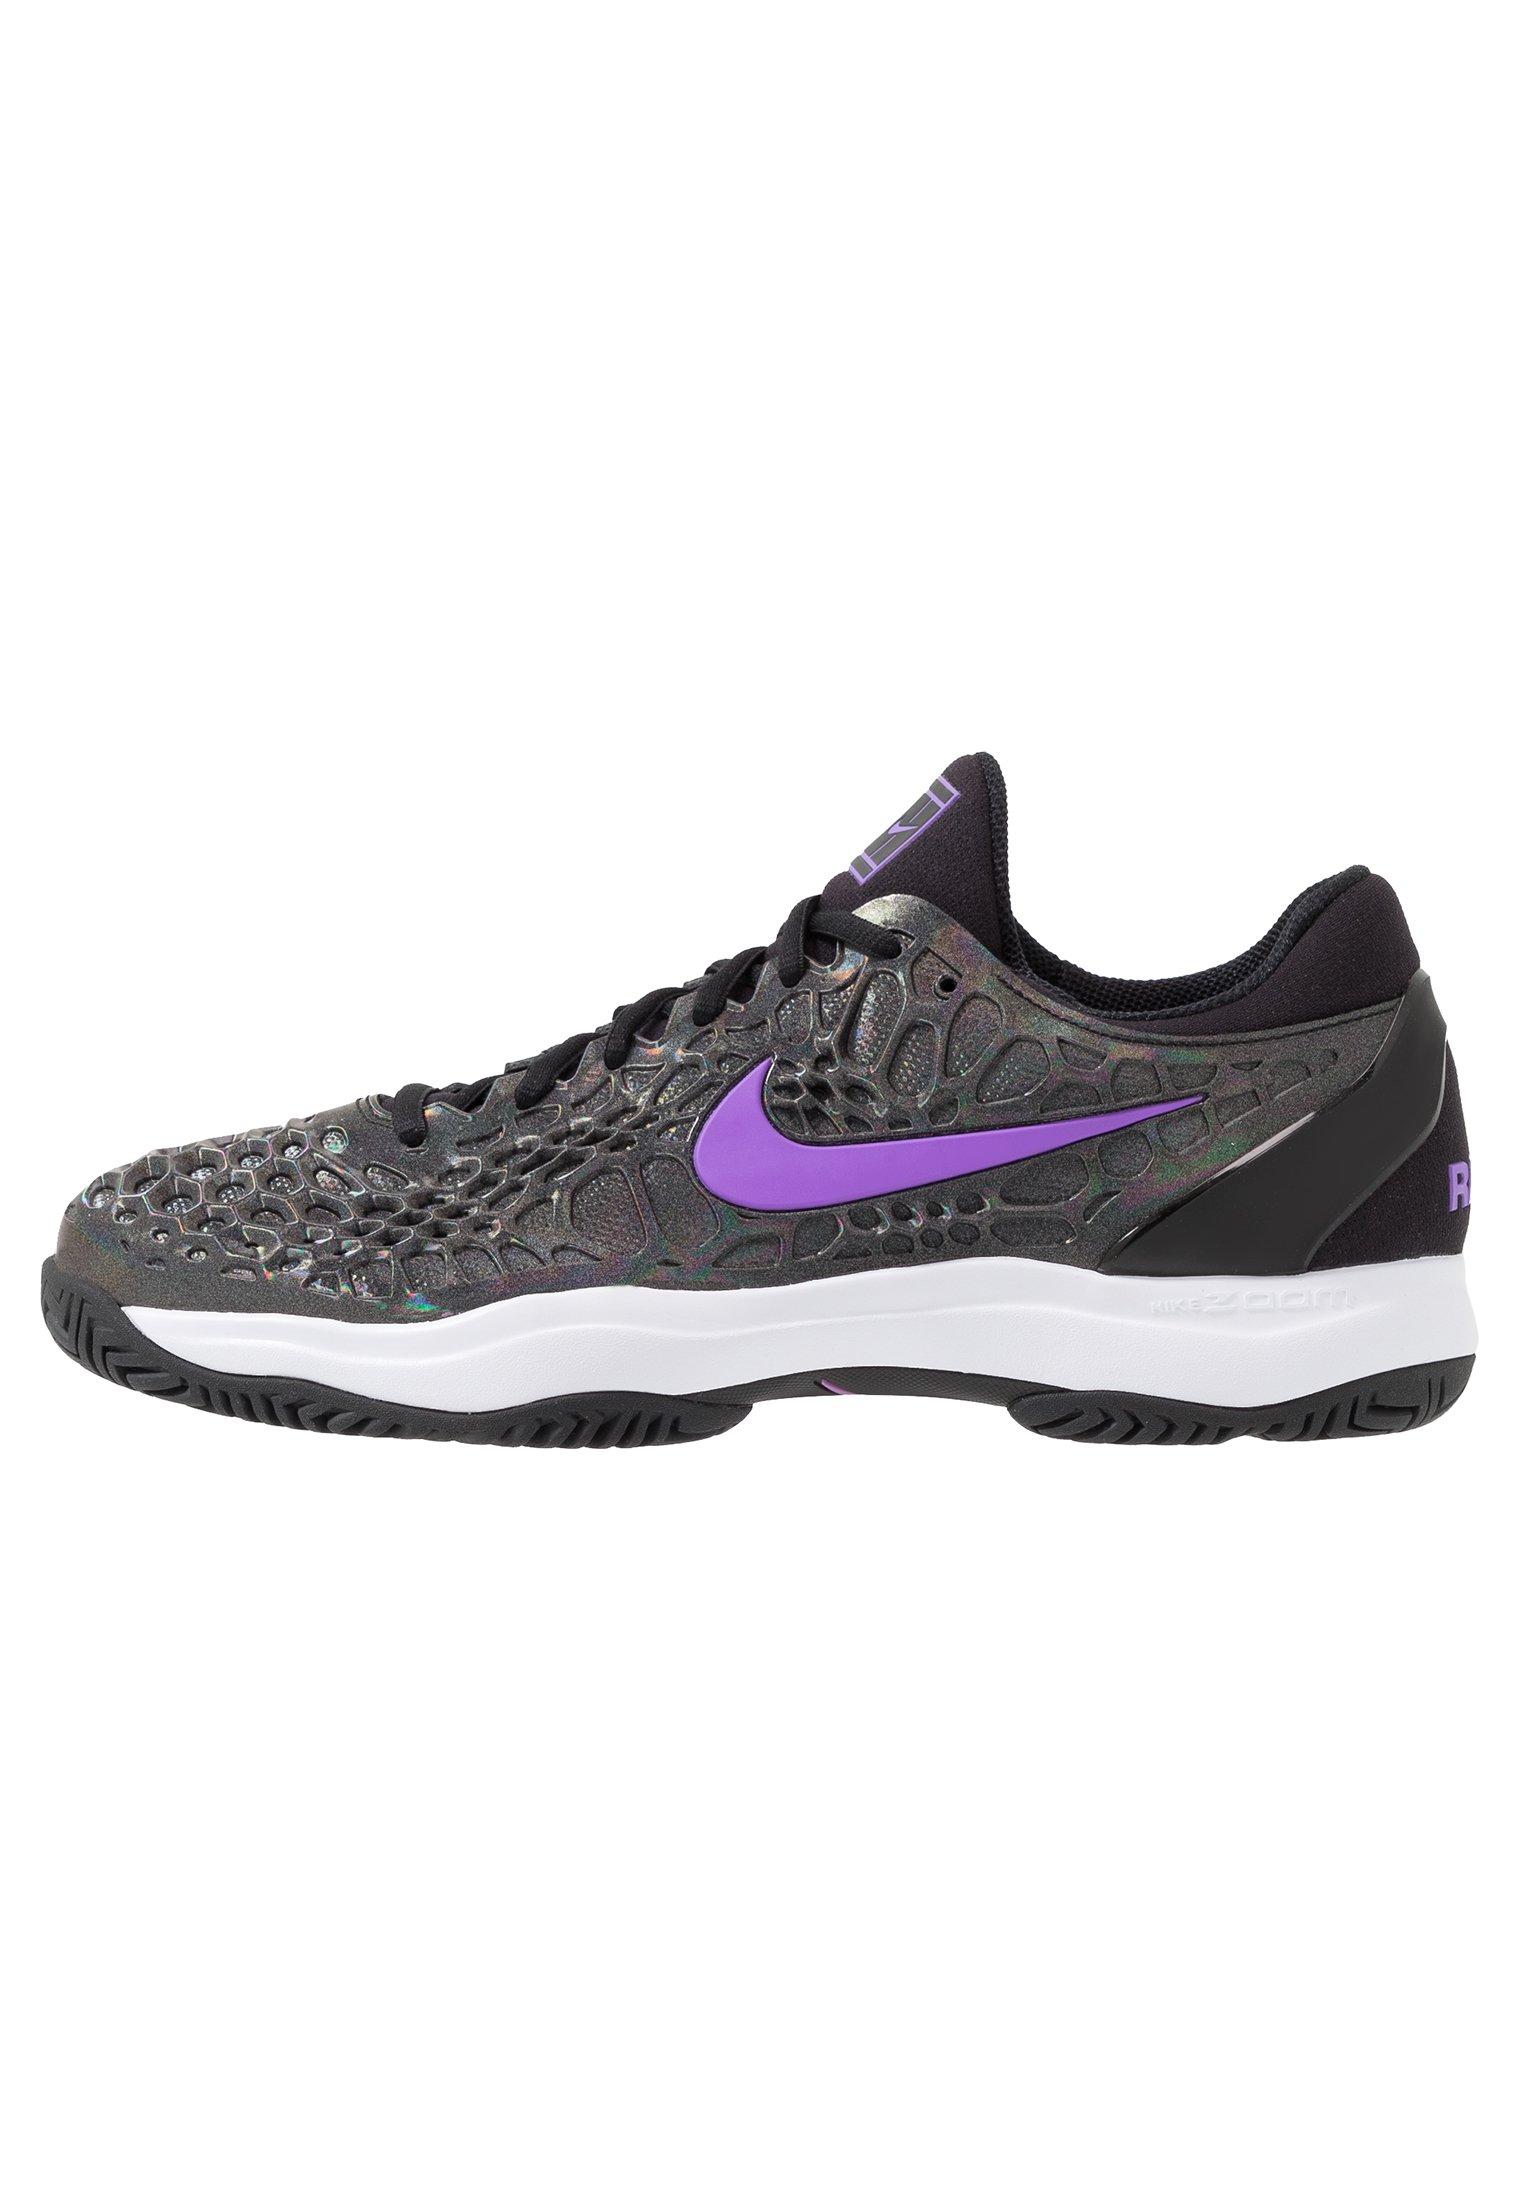 ZOOM CAGE 3 HC SLK Chaussures de tennis toutes surfaces blackbright violetmulticolor